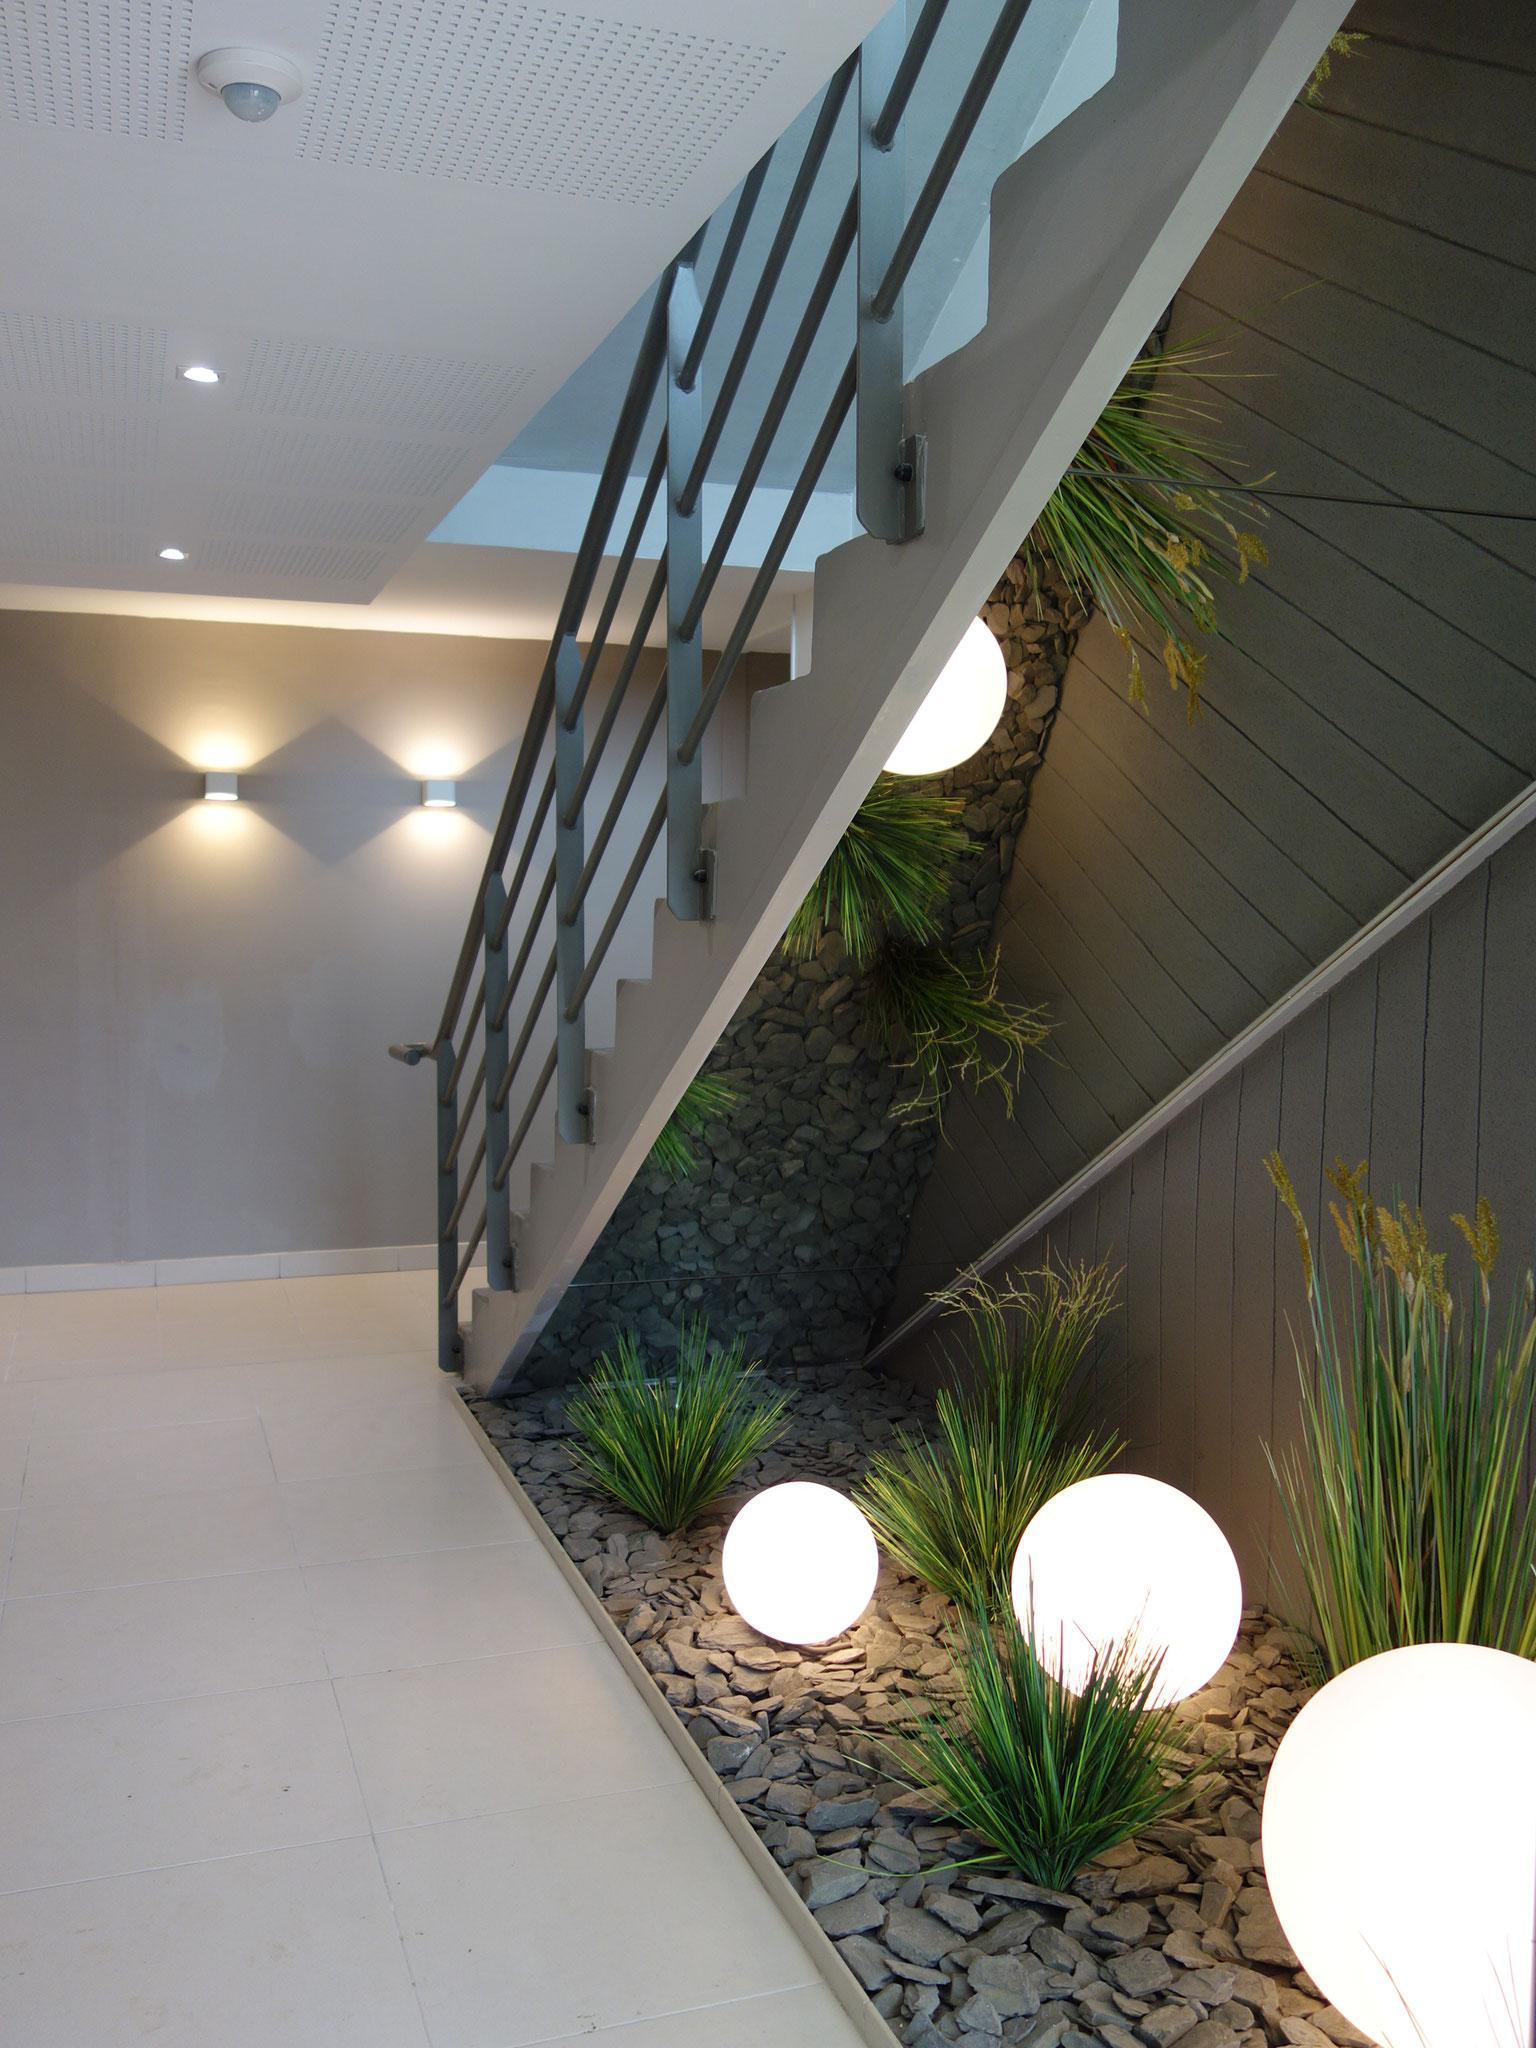 Prestation sur l'ensemble du hall et des étages : Choix des matériaux et réalisation de la jardinière sous l'escalier.